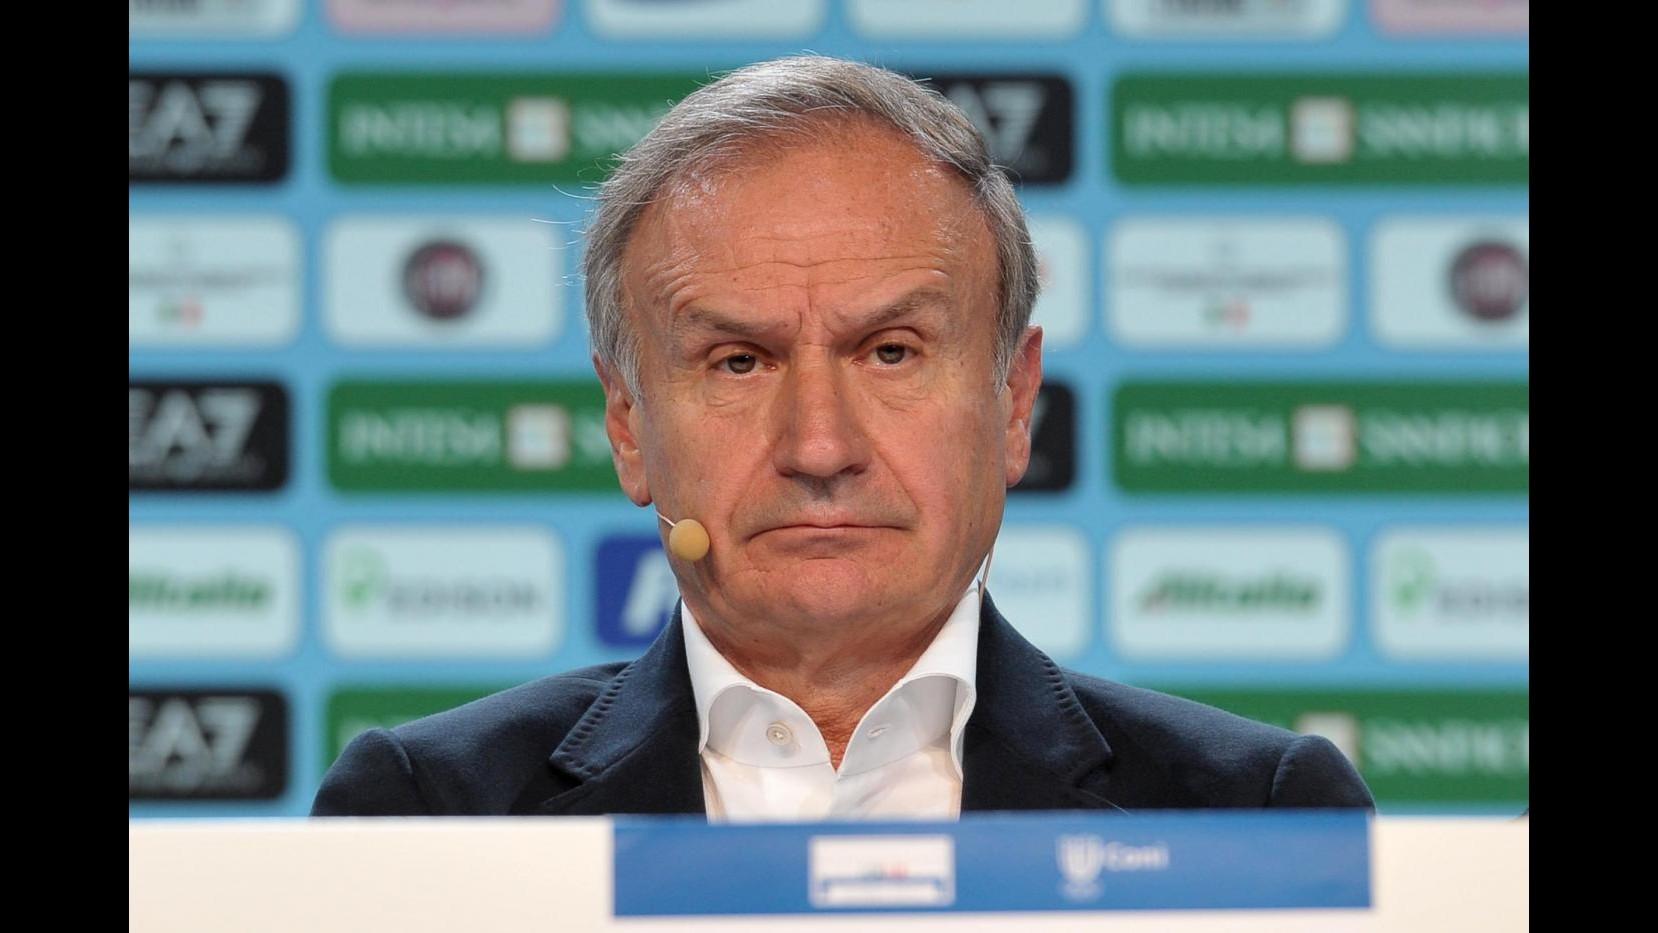 Petrucci: Presidenti club calcio siano più sereni e moderati